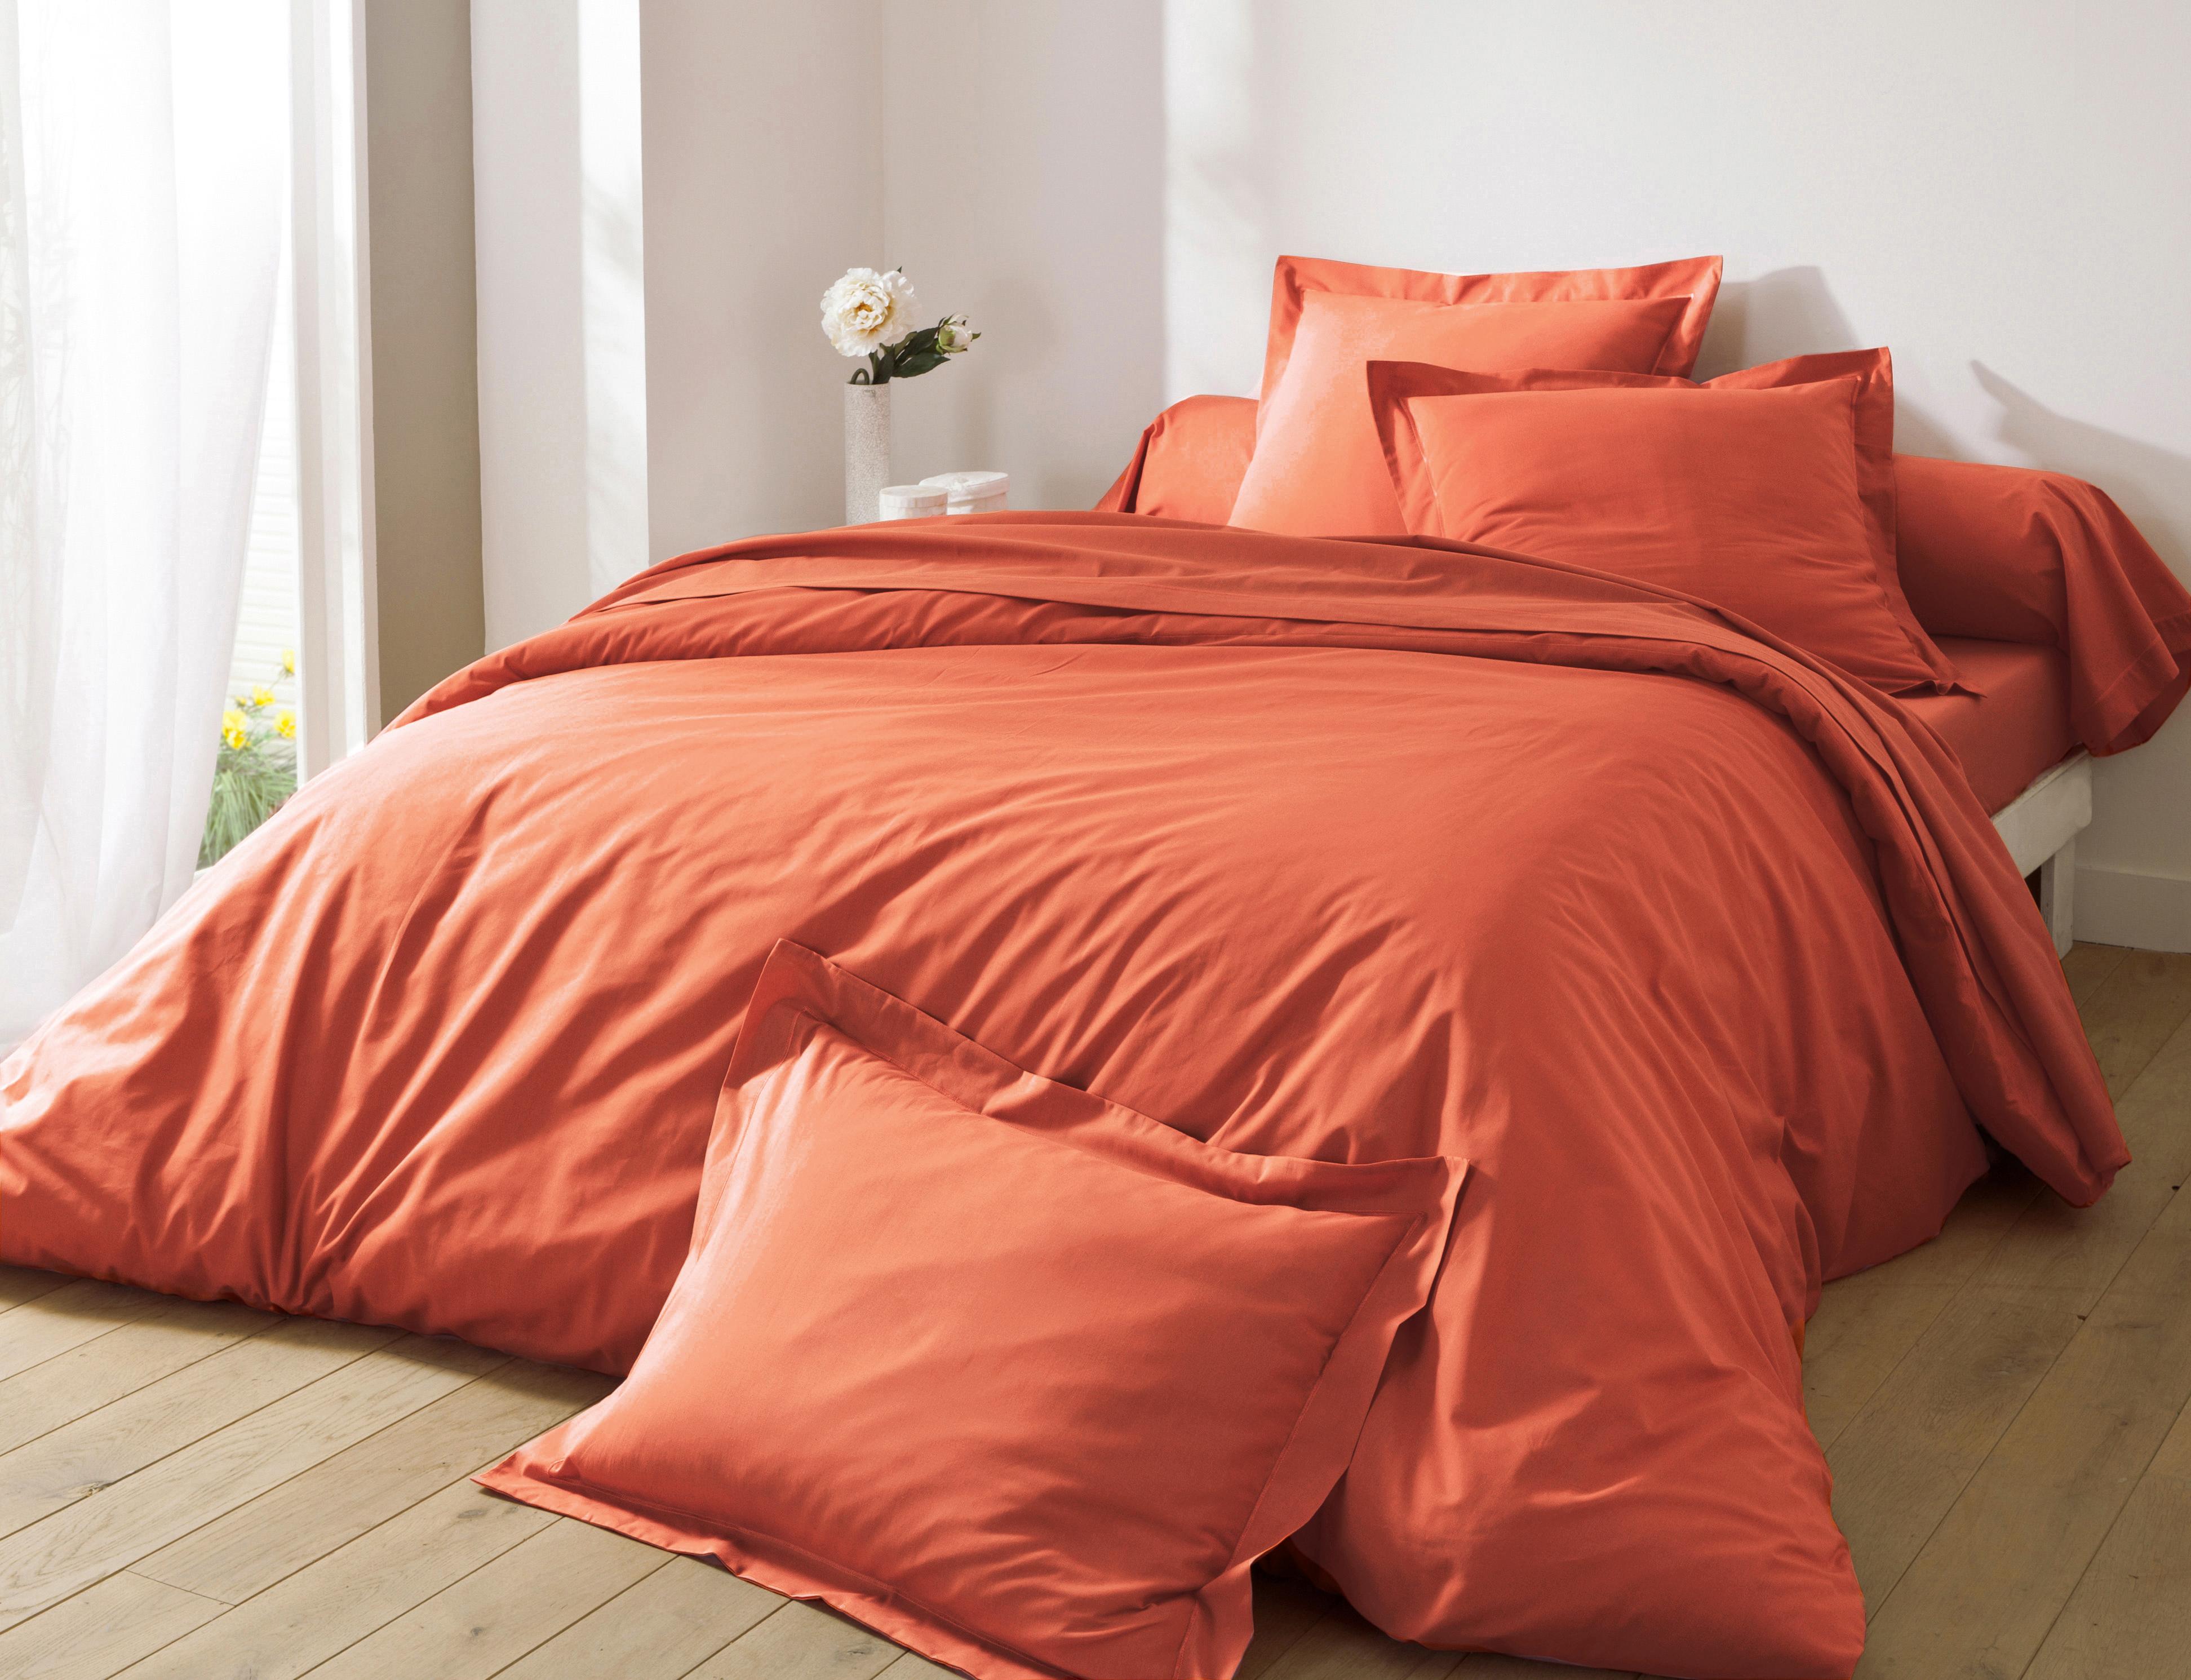 Housse de couette 260x240 en percale de coton  orange terracotta